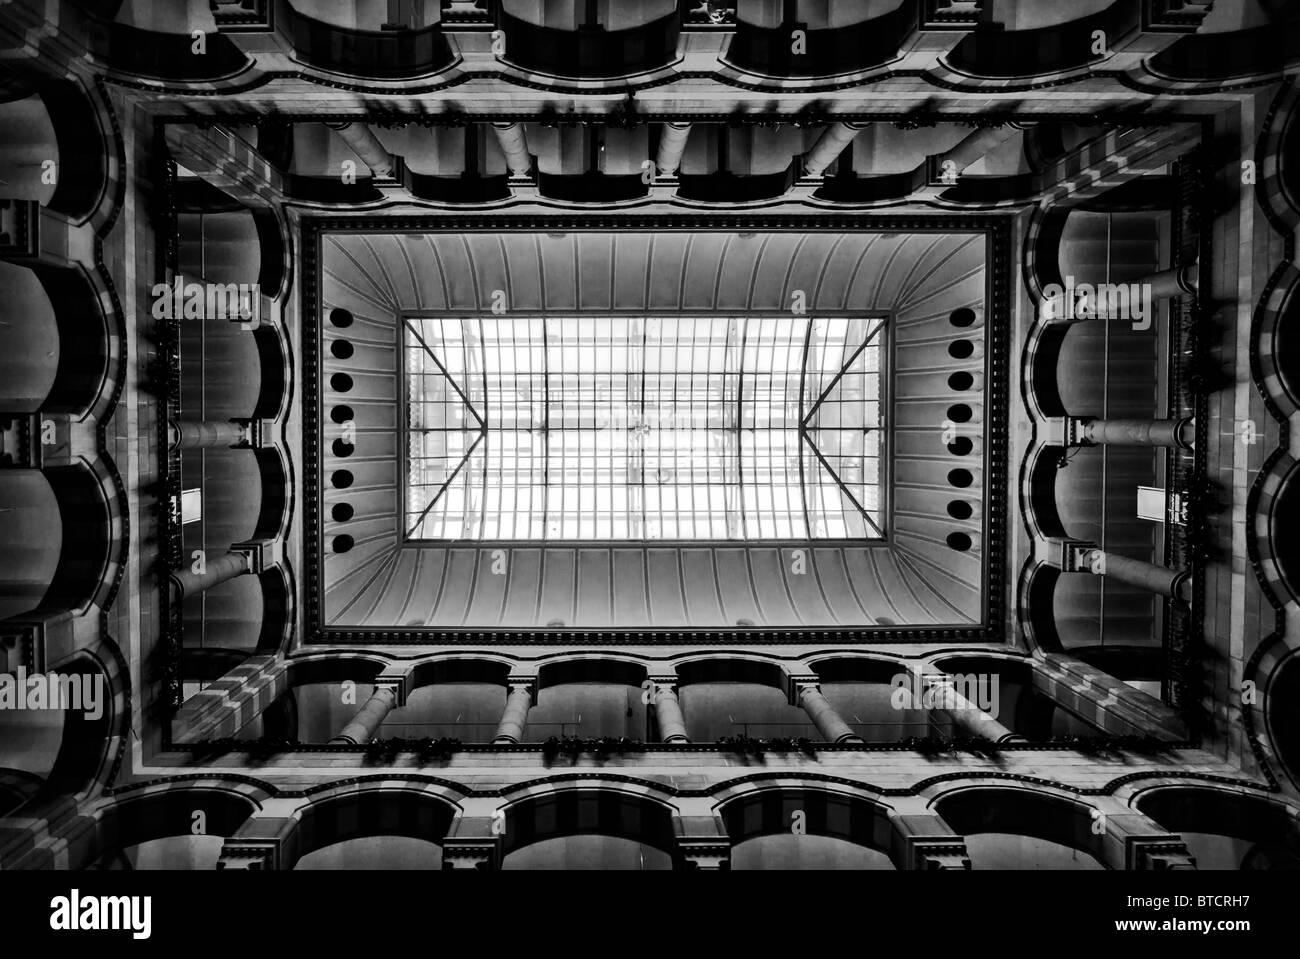 Interieur Bild Amsterdam Magna Plaza, schwarze & weiß Stockbild